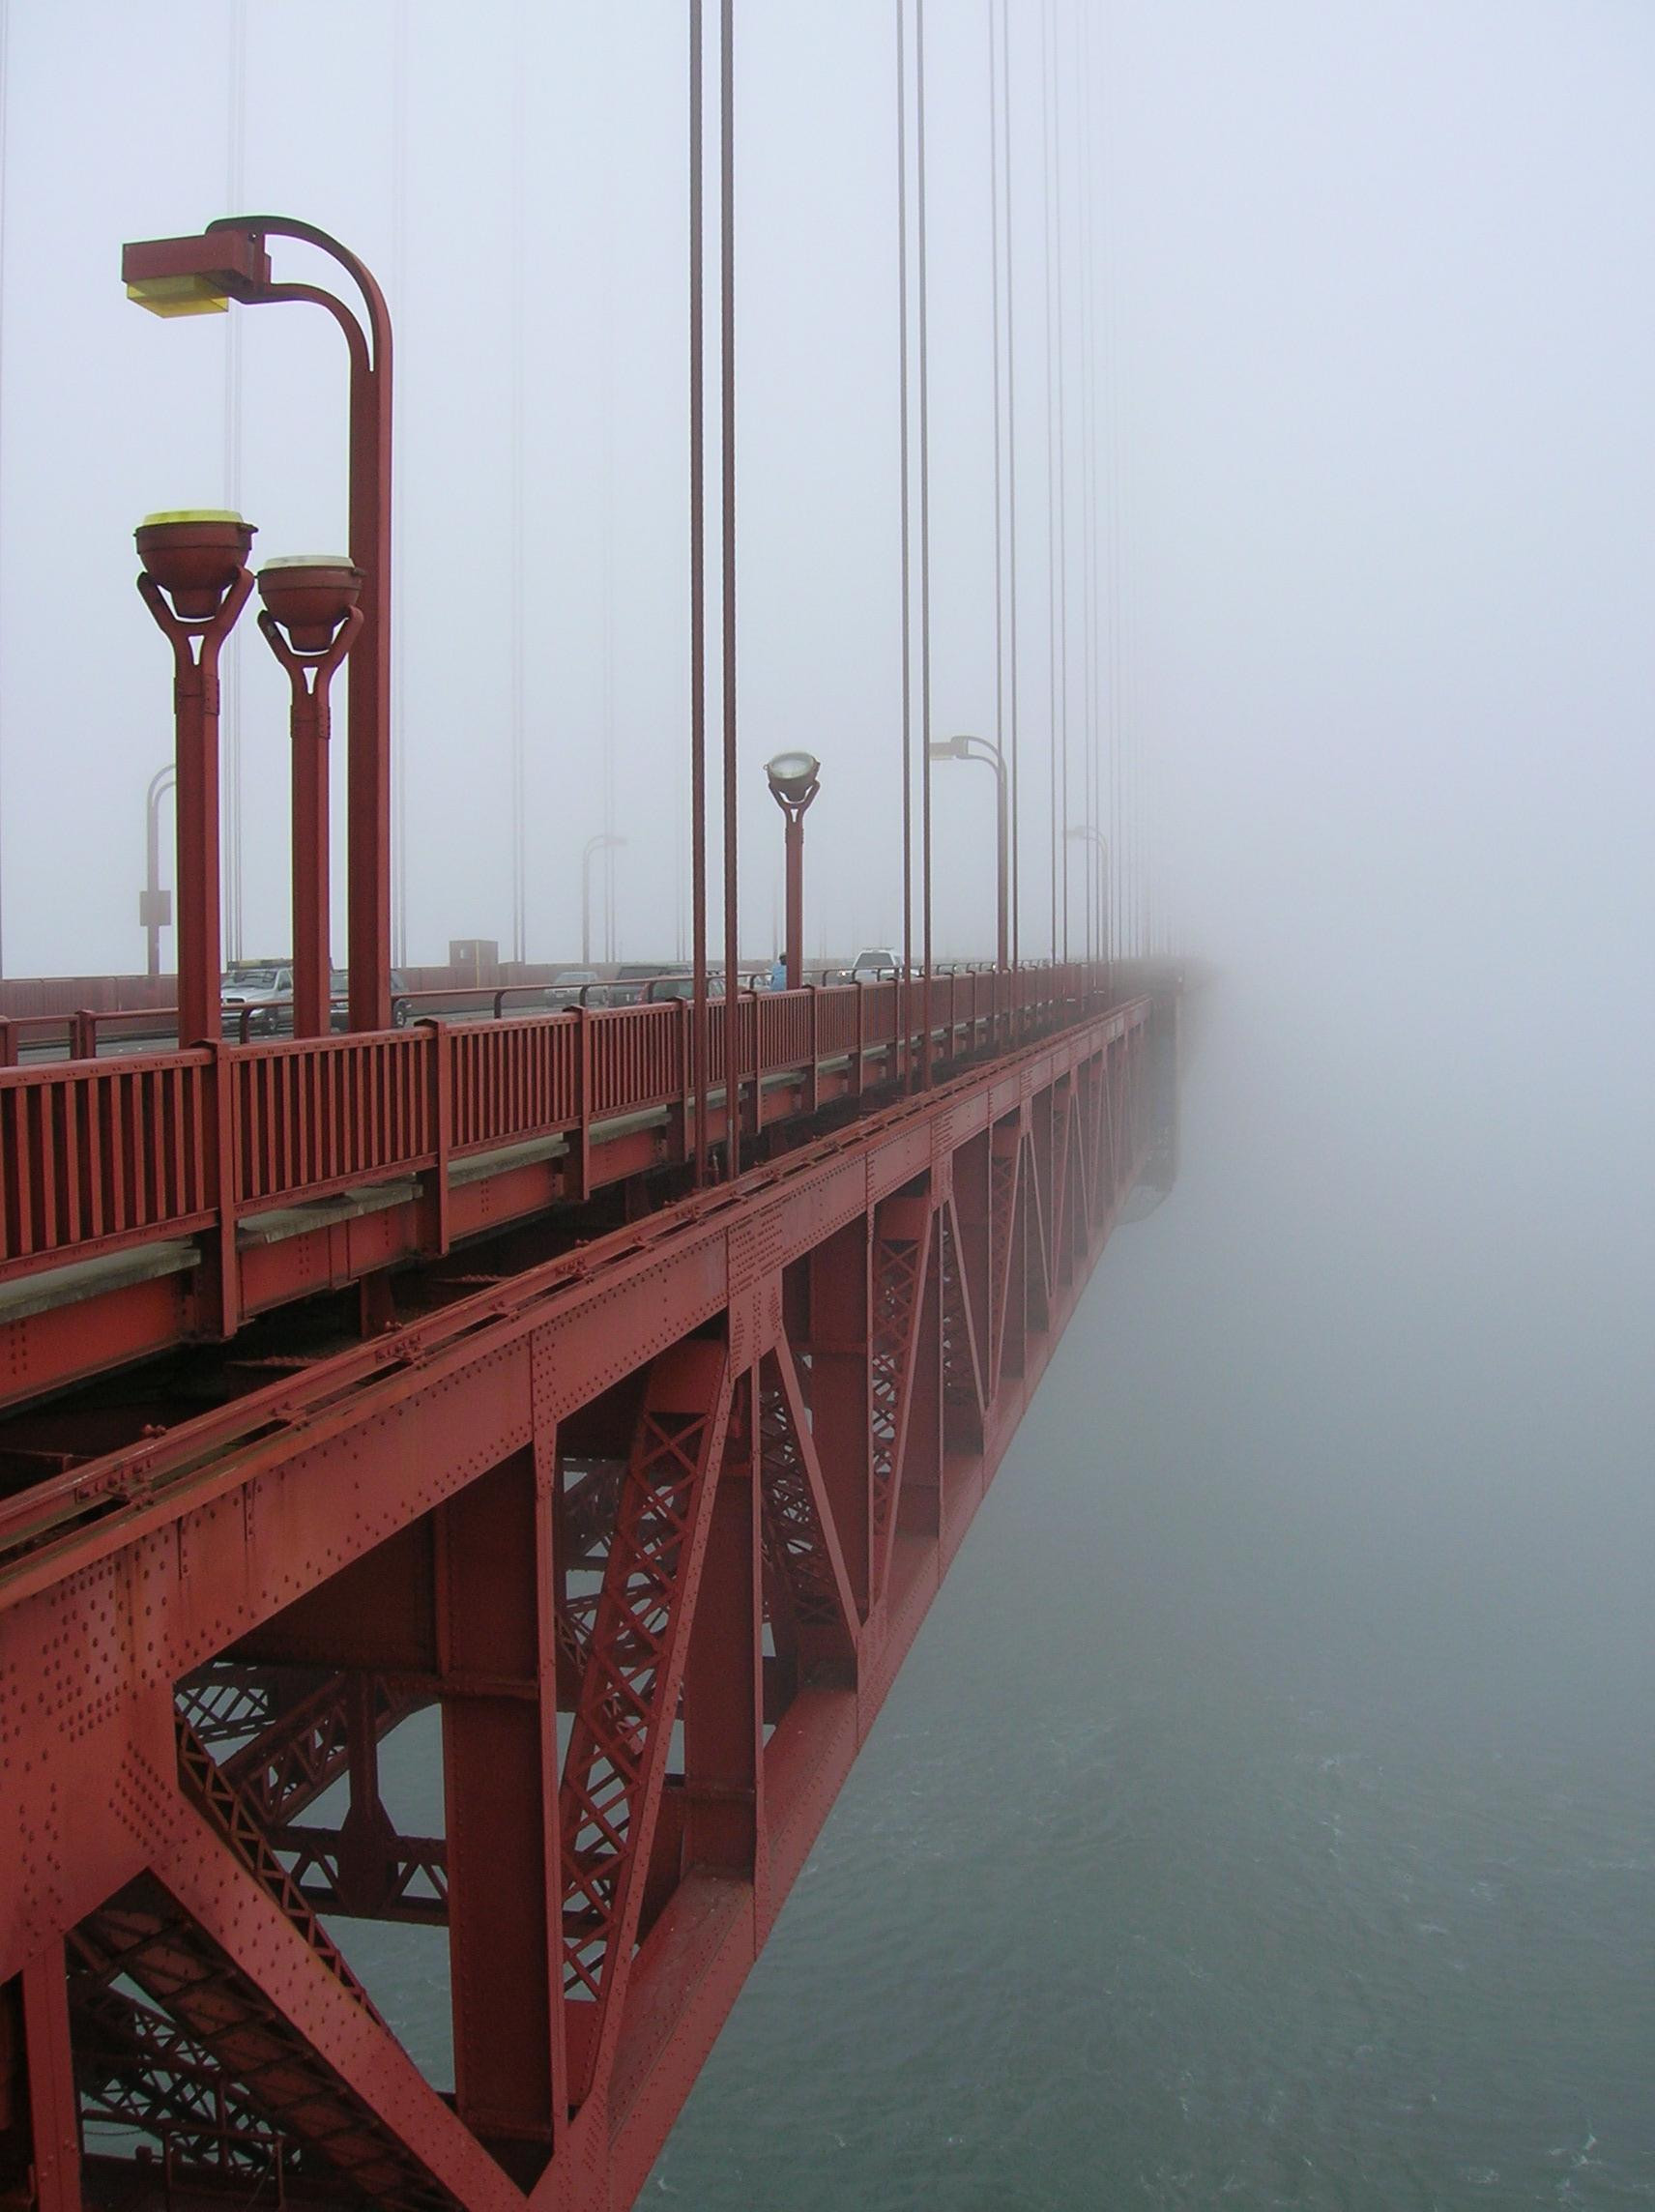 Golden Gate Bridge Morning Morning Fog at The Golden Gate